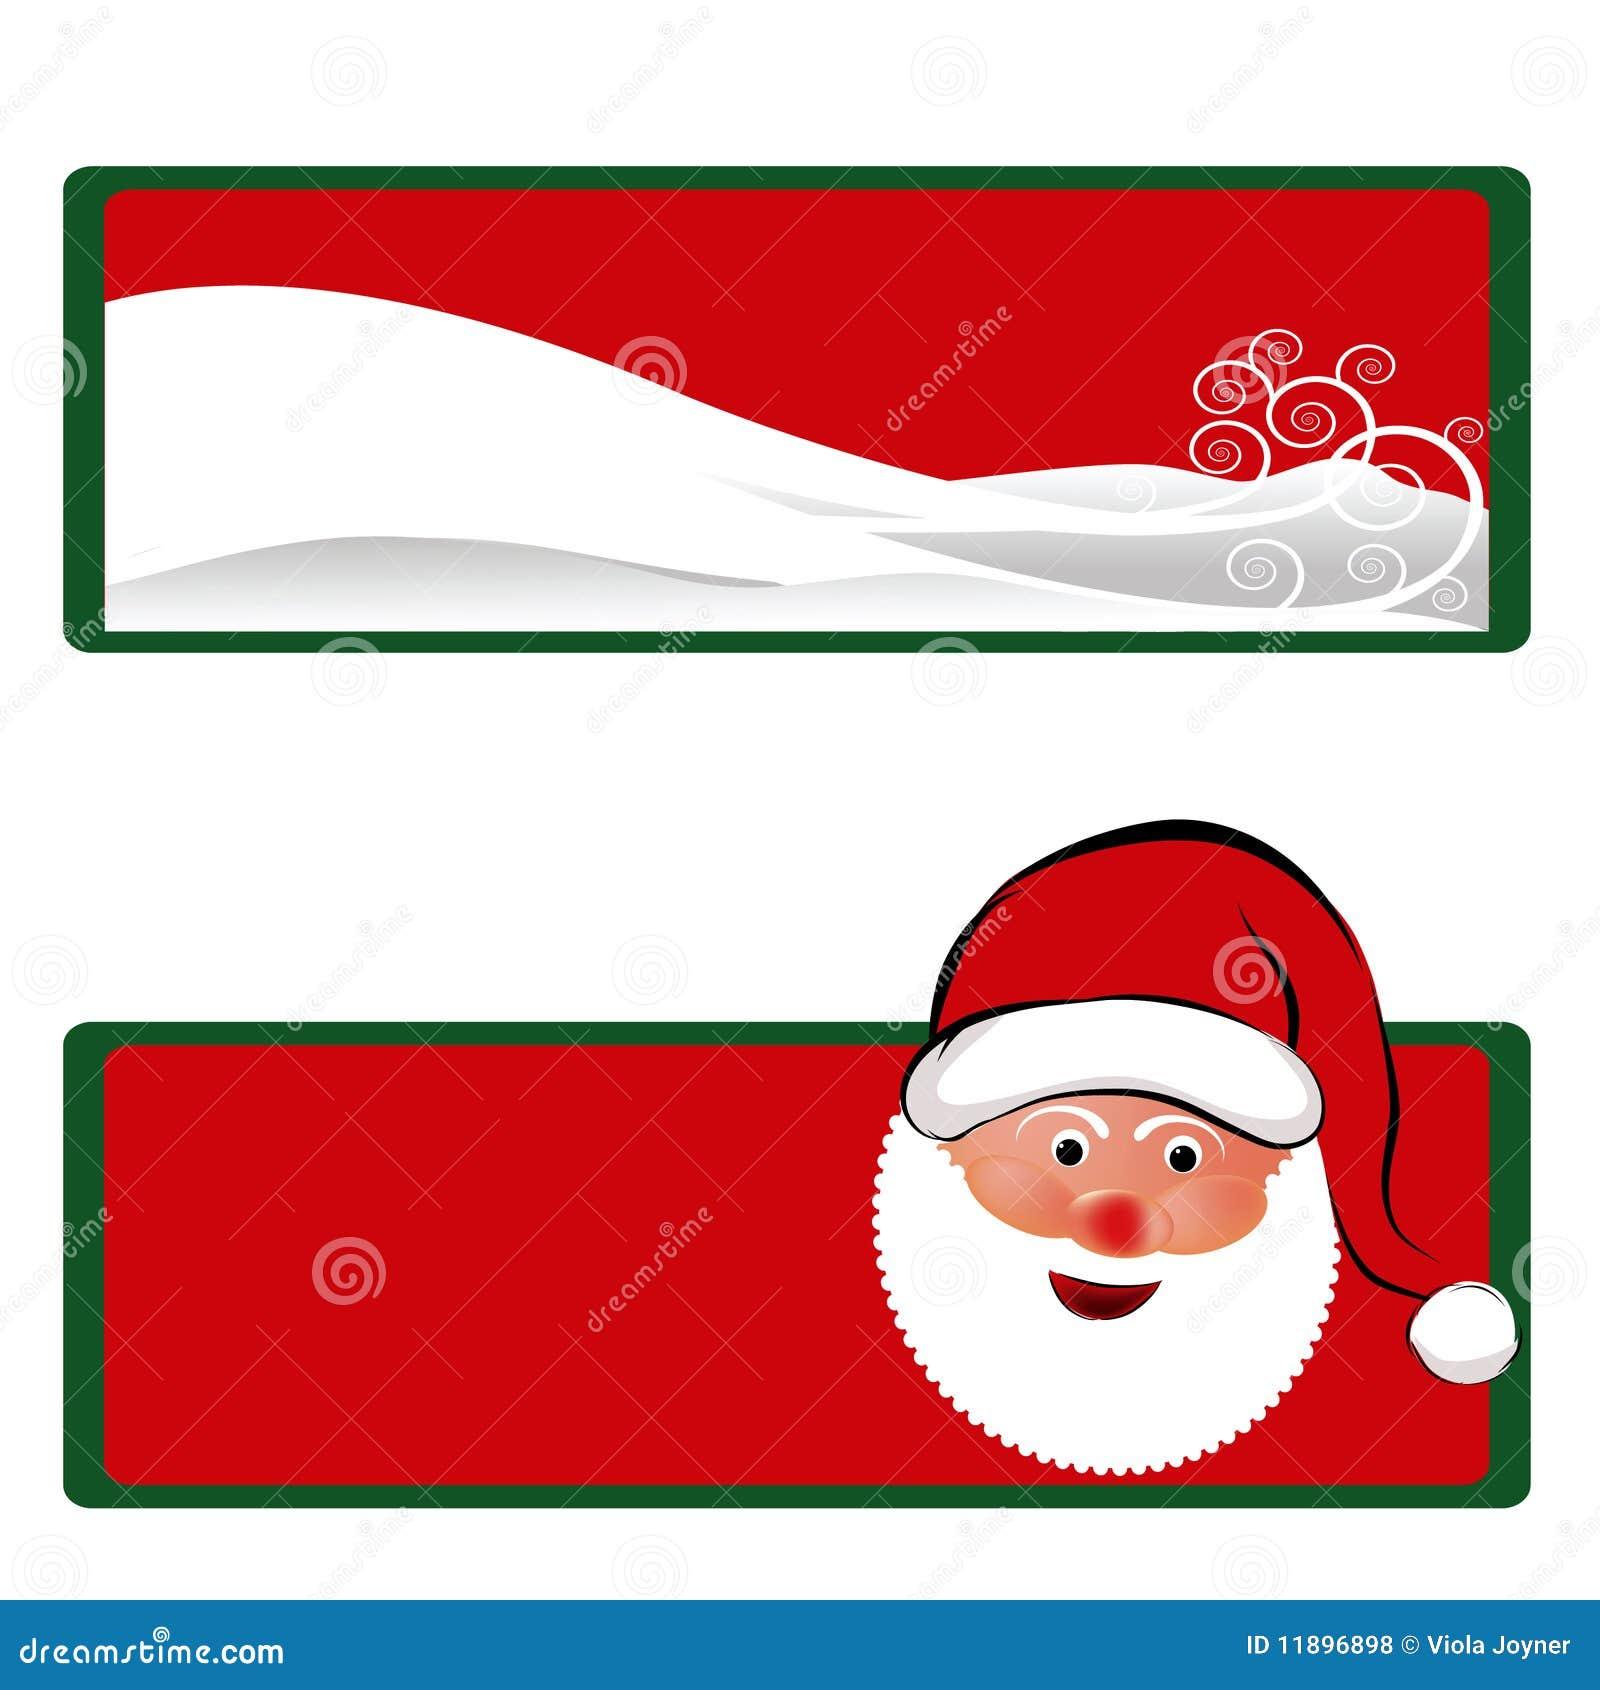 Holiday gift tag clipart militaryalicious holiday gift tag clipart negle Gallery